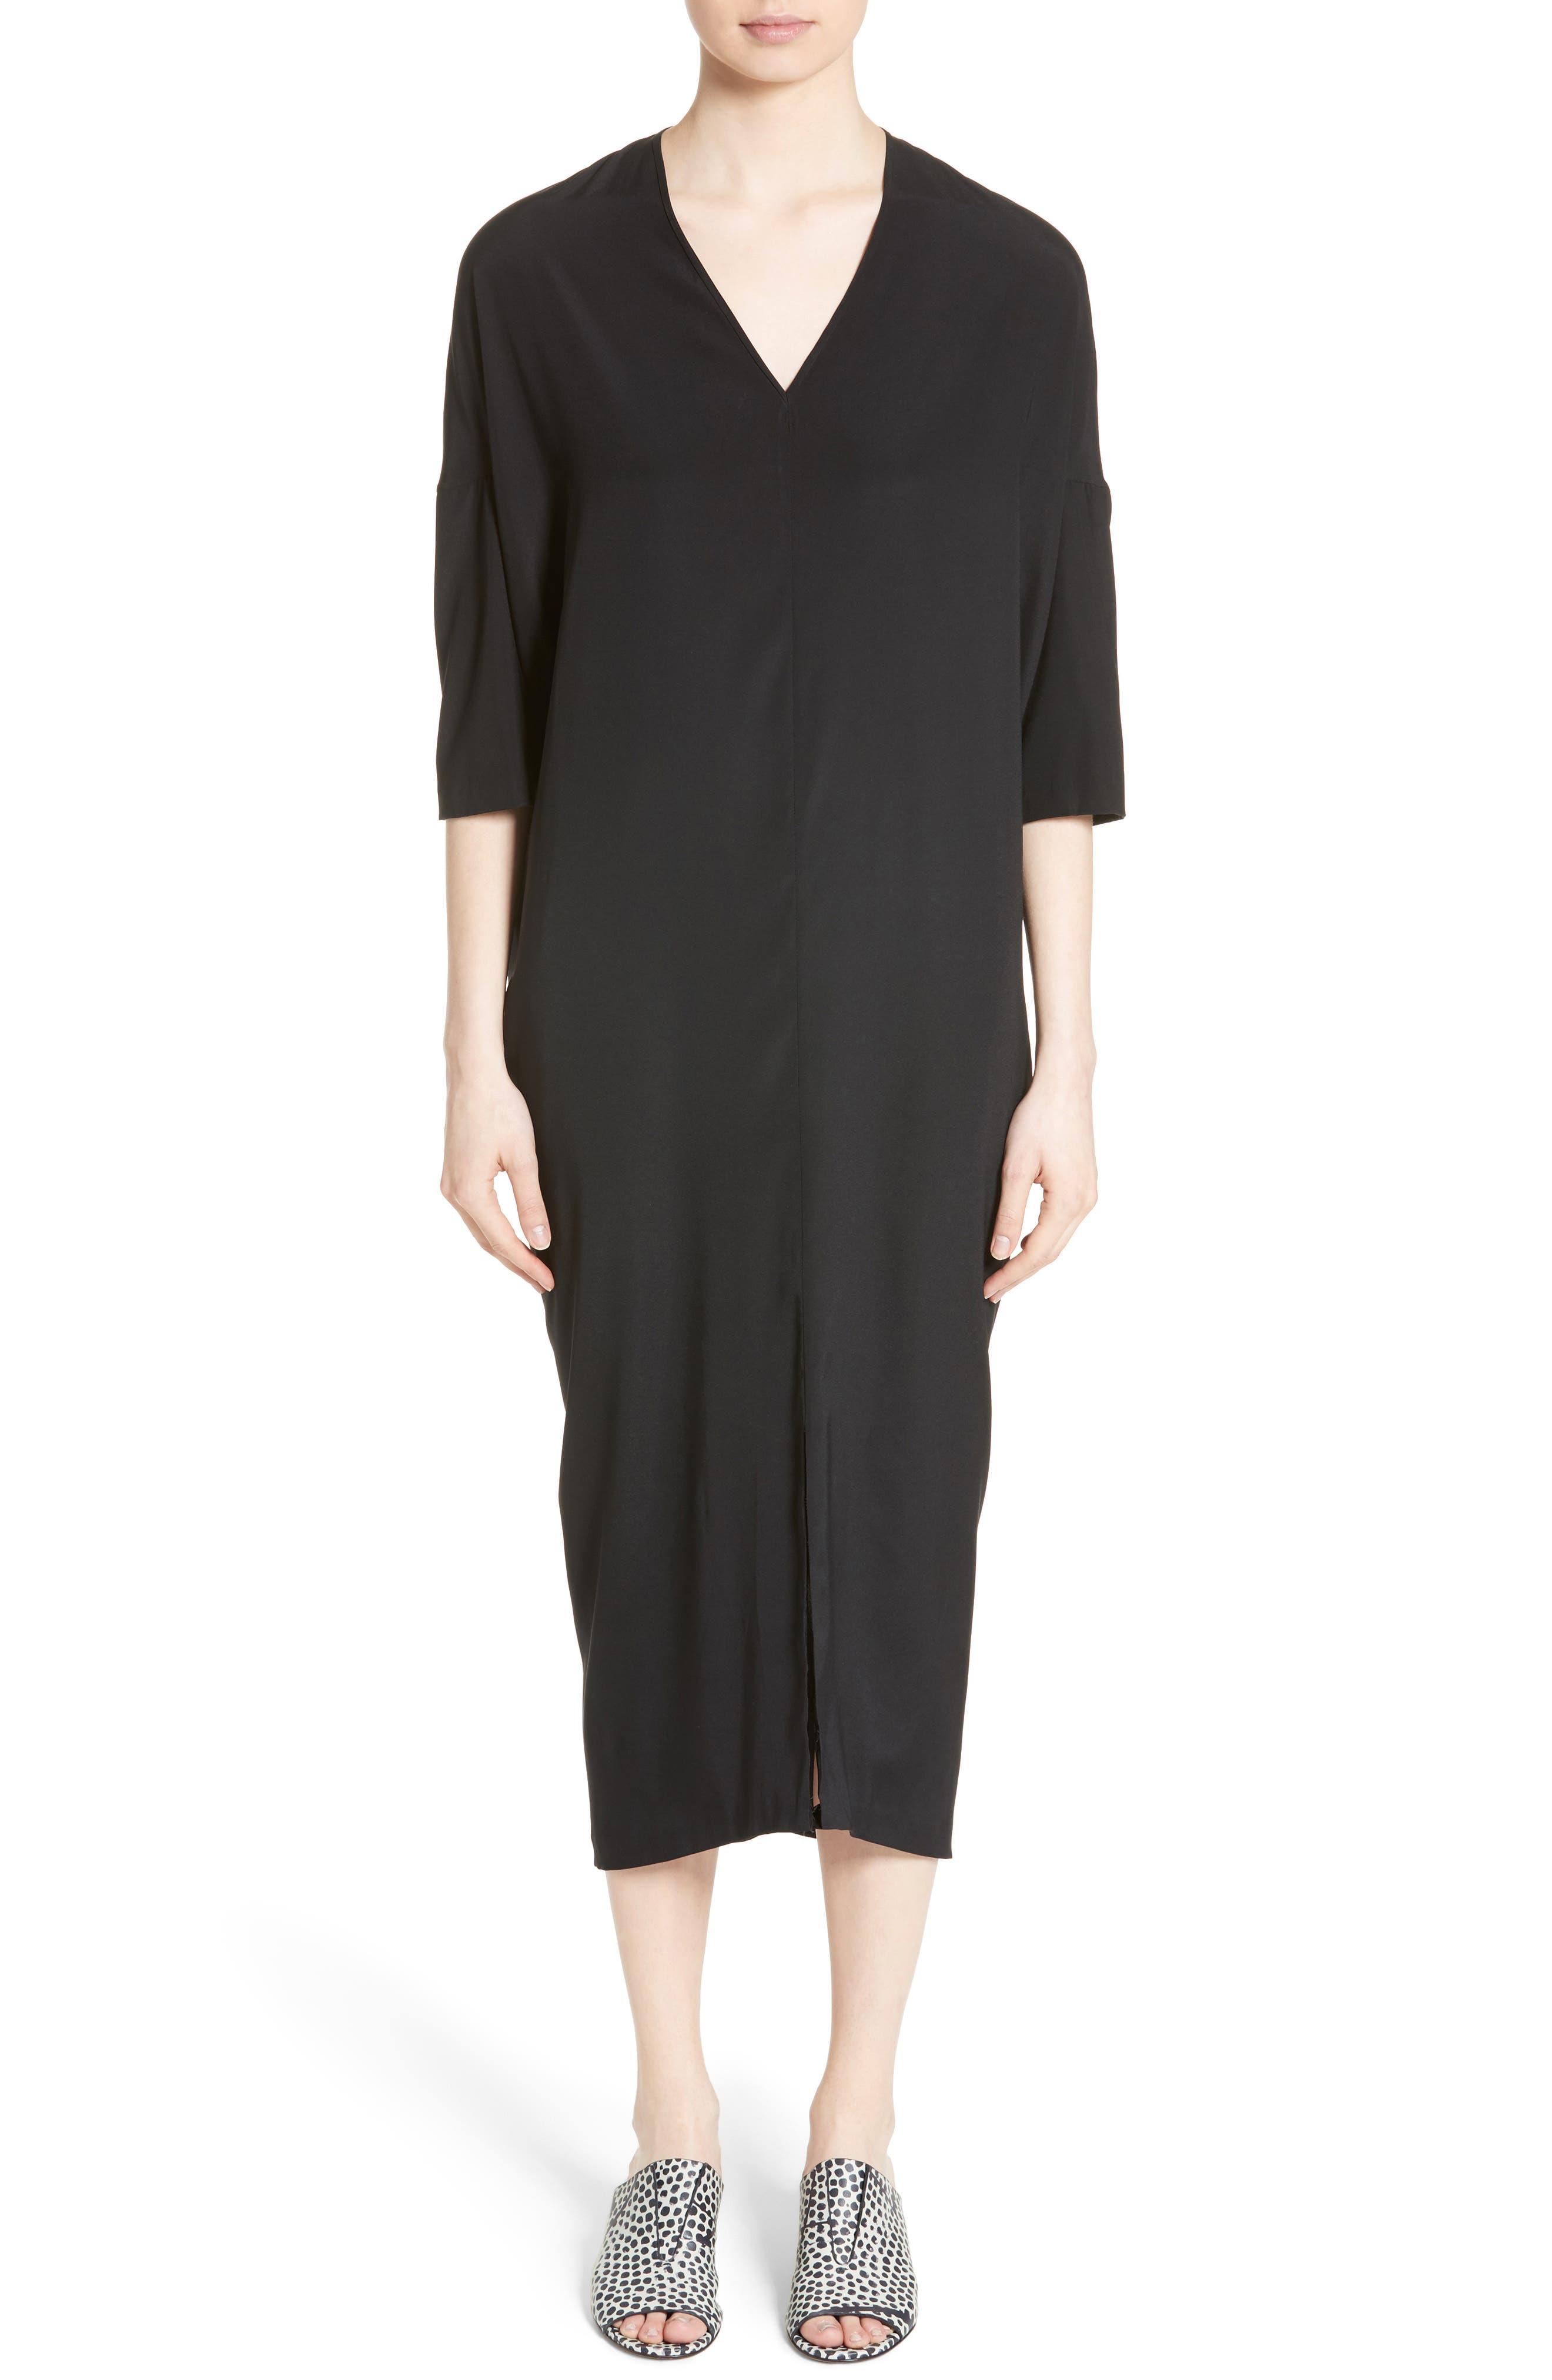 Koya Stretch Silk Charmeuse Dress,                         Main,                         color, 001